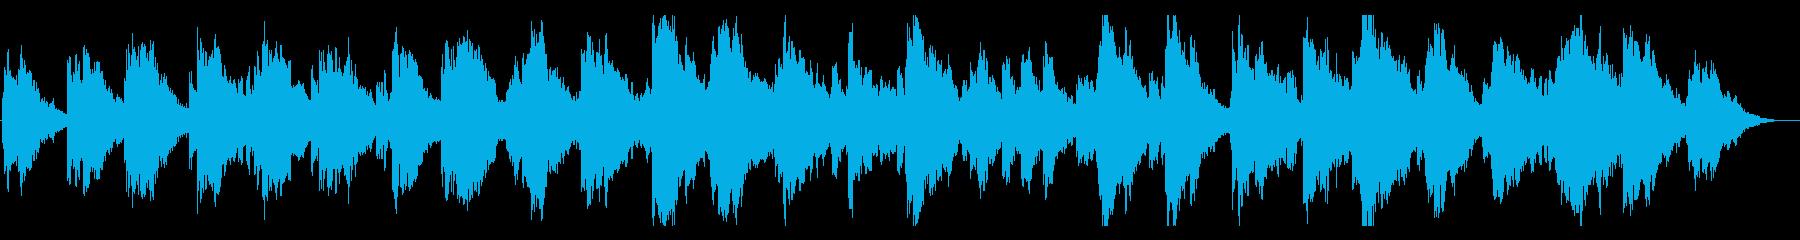 神秘的・ヨガ・ヒーリング 優しいエレピの再生済みの波形